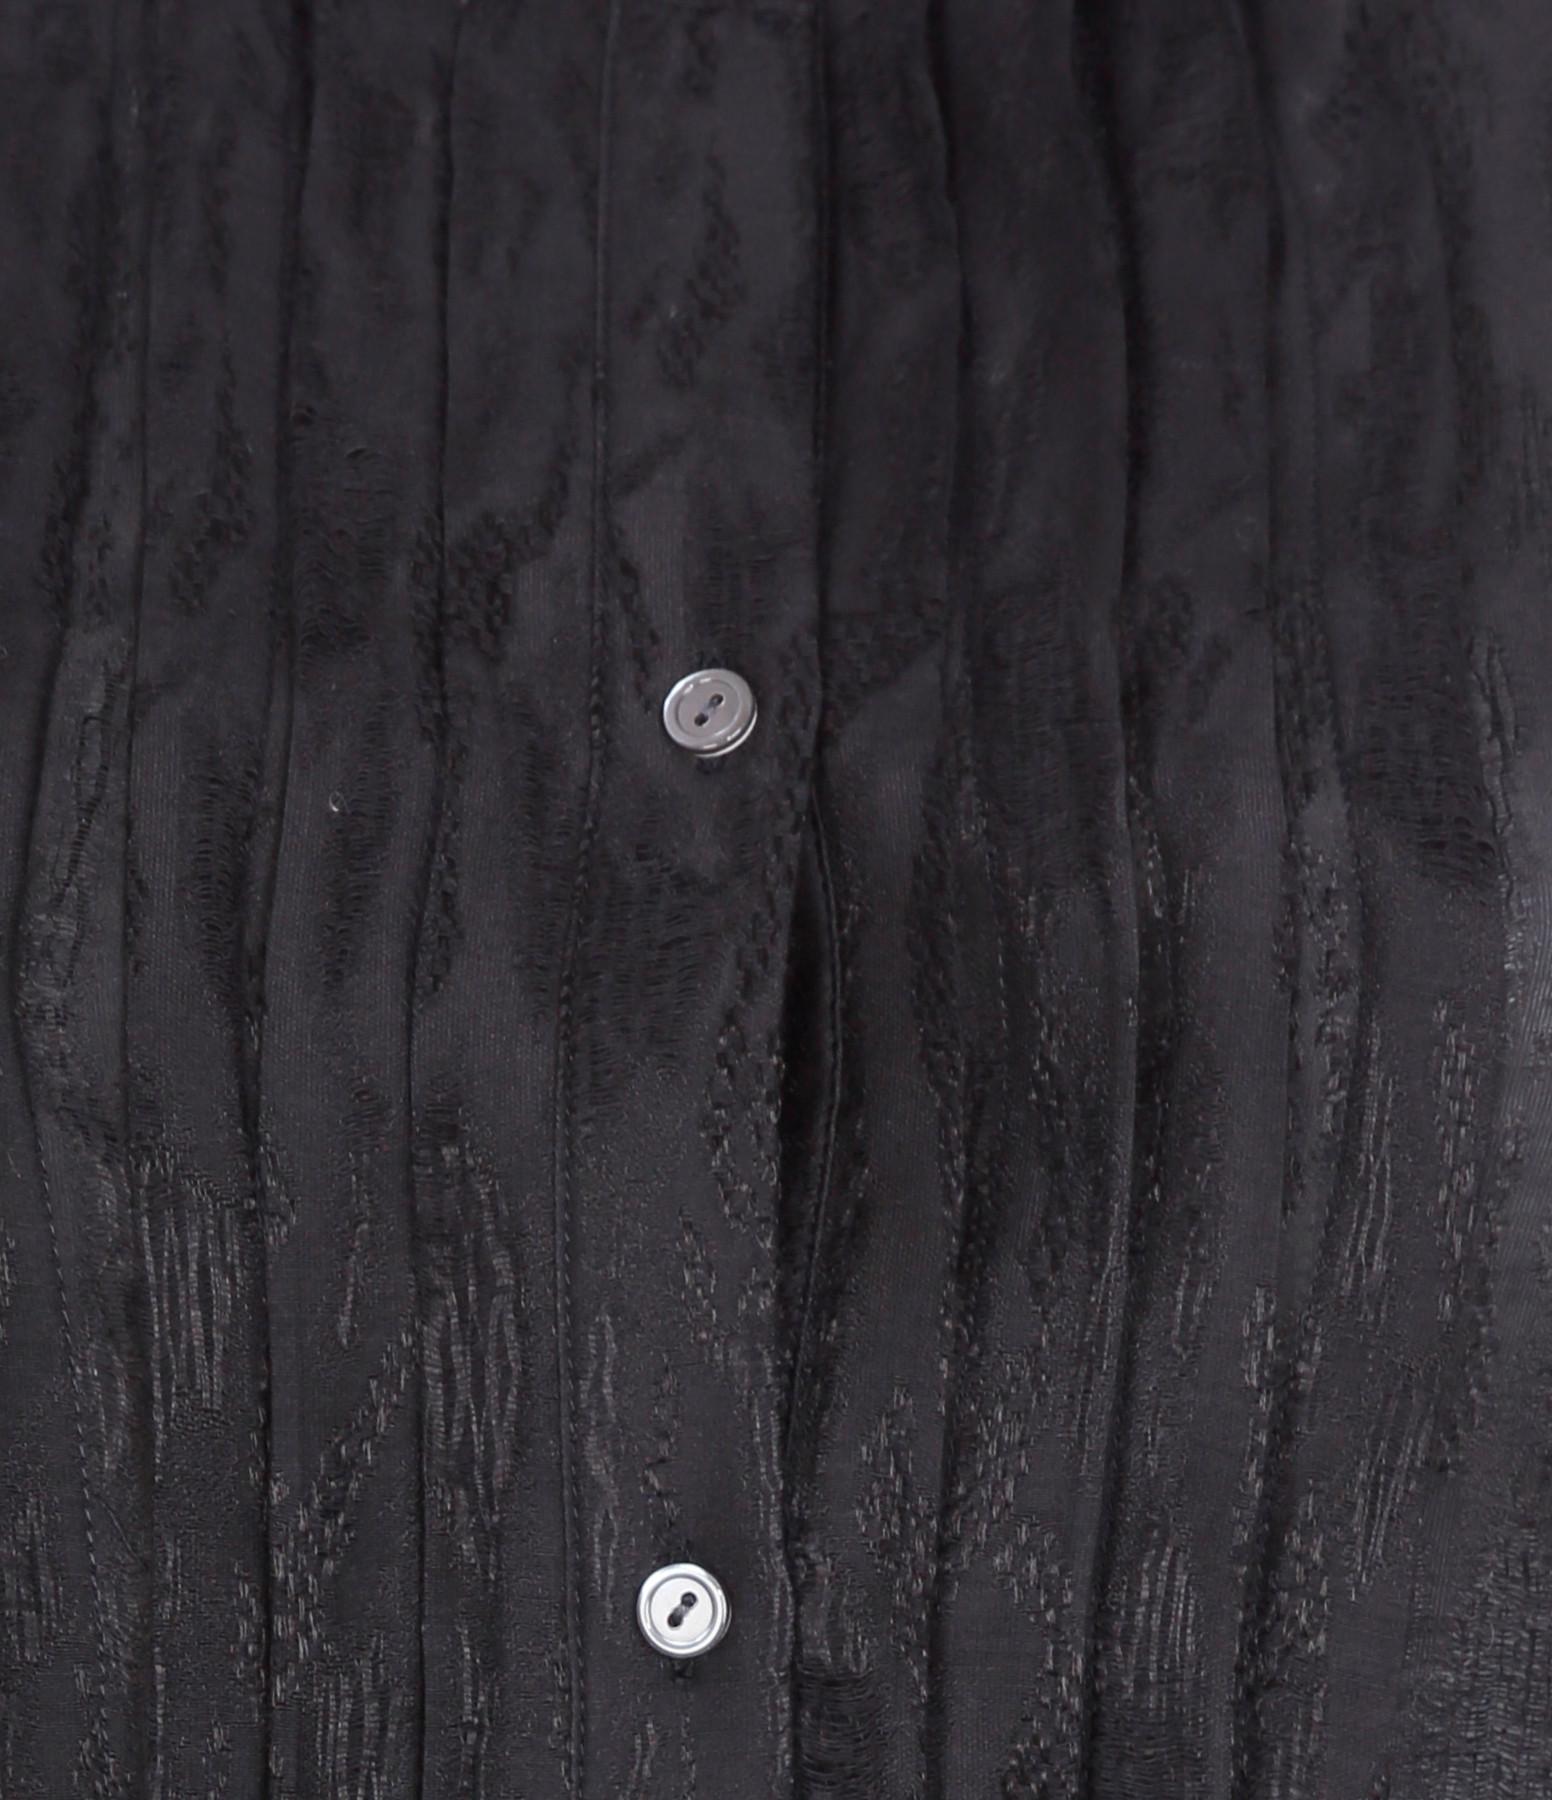 Chemise Estelle Coton Soie Noir - NILI LOTAN